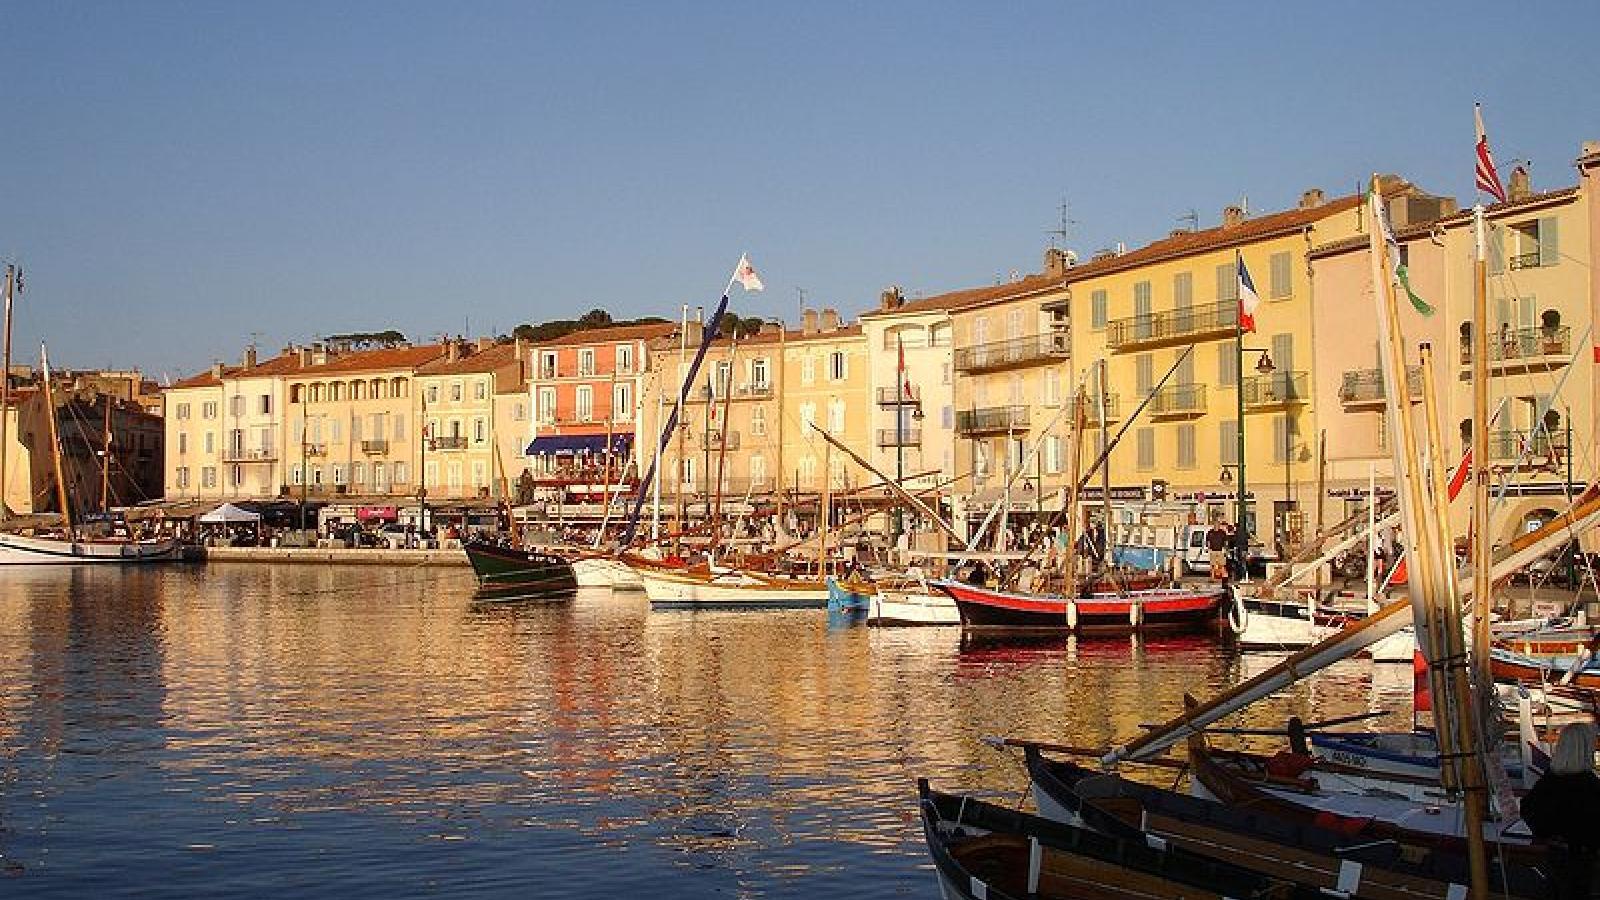 Le vieux port de Saint-Tropez, quelle histoire !